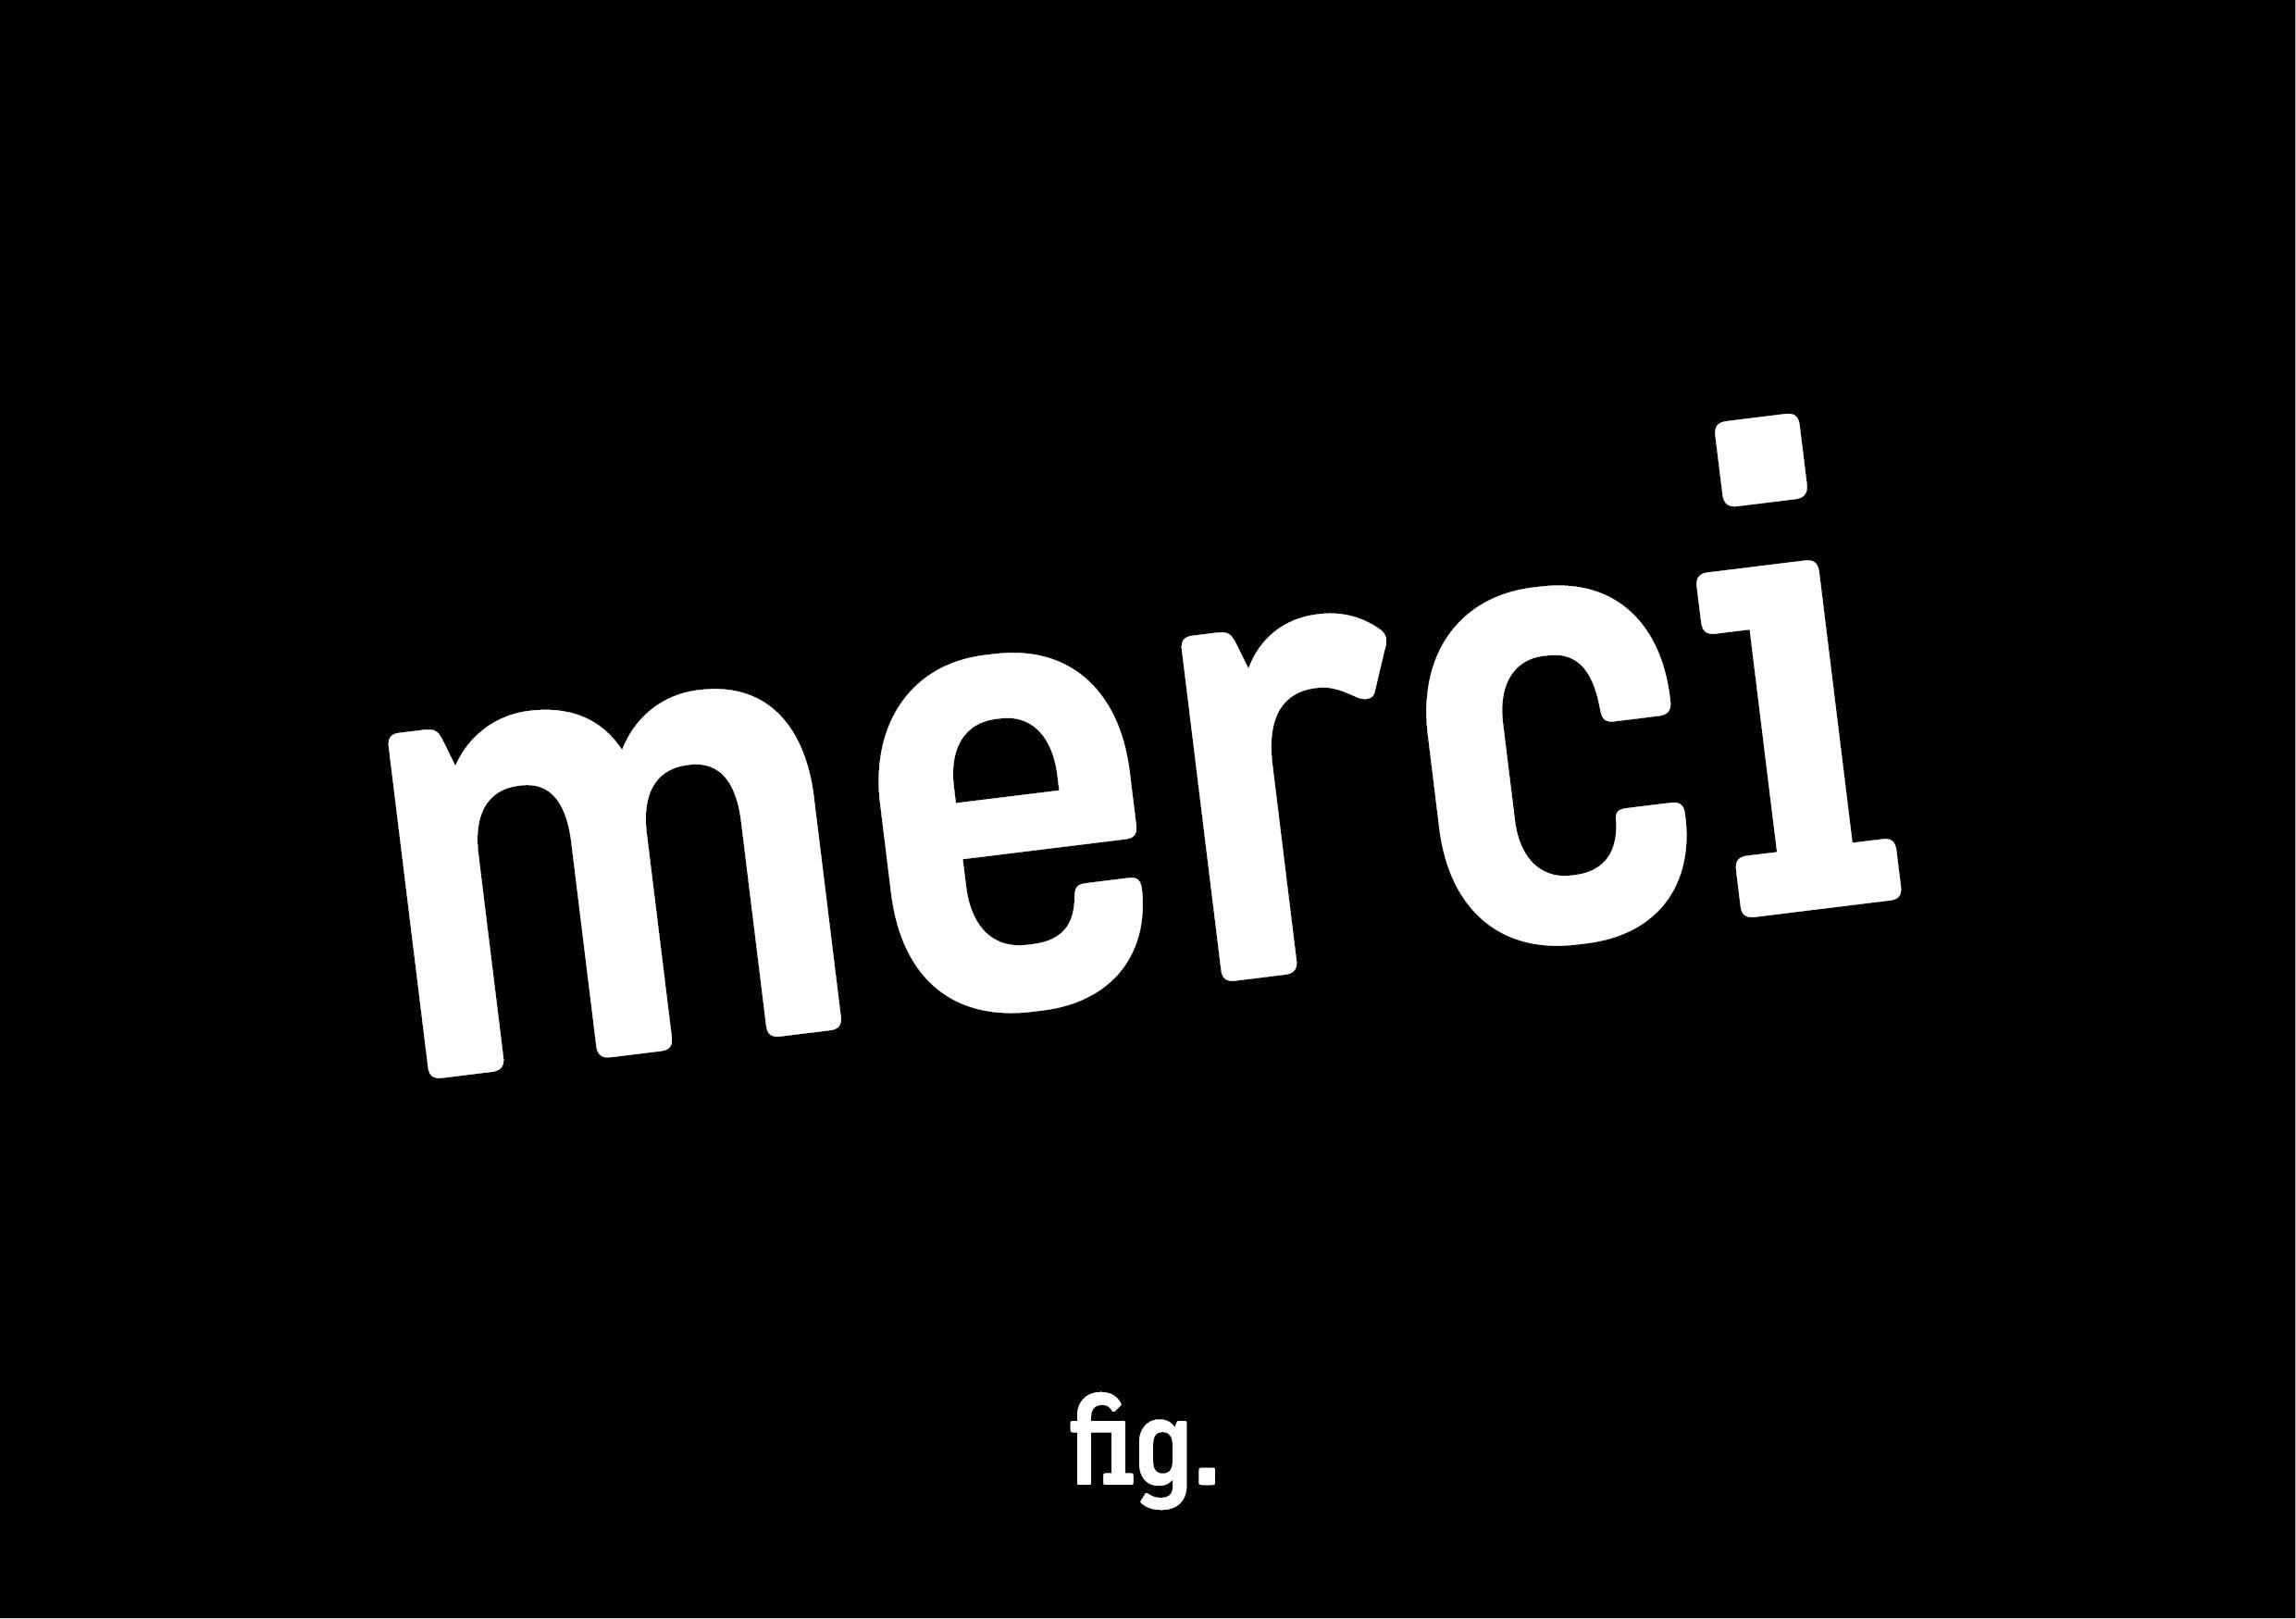 merci-1459512760.jpg